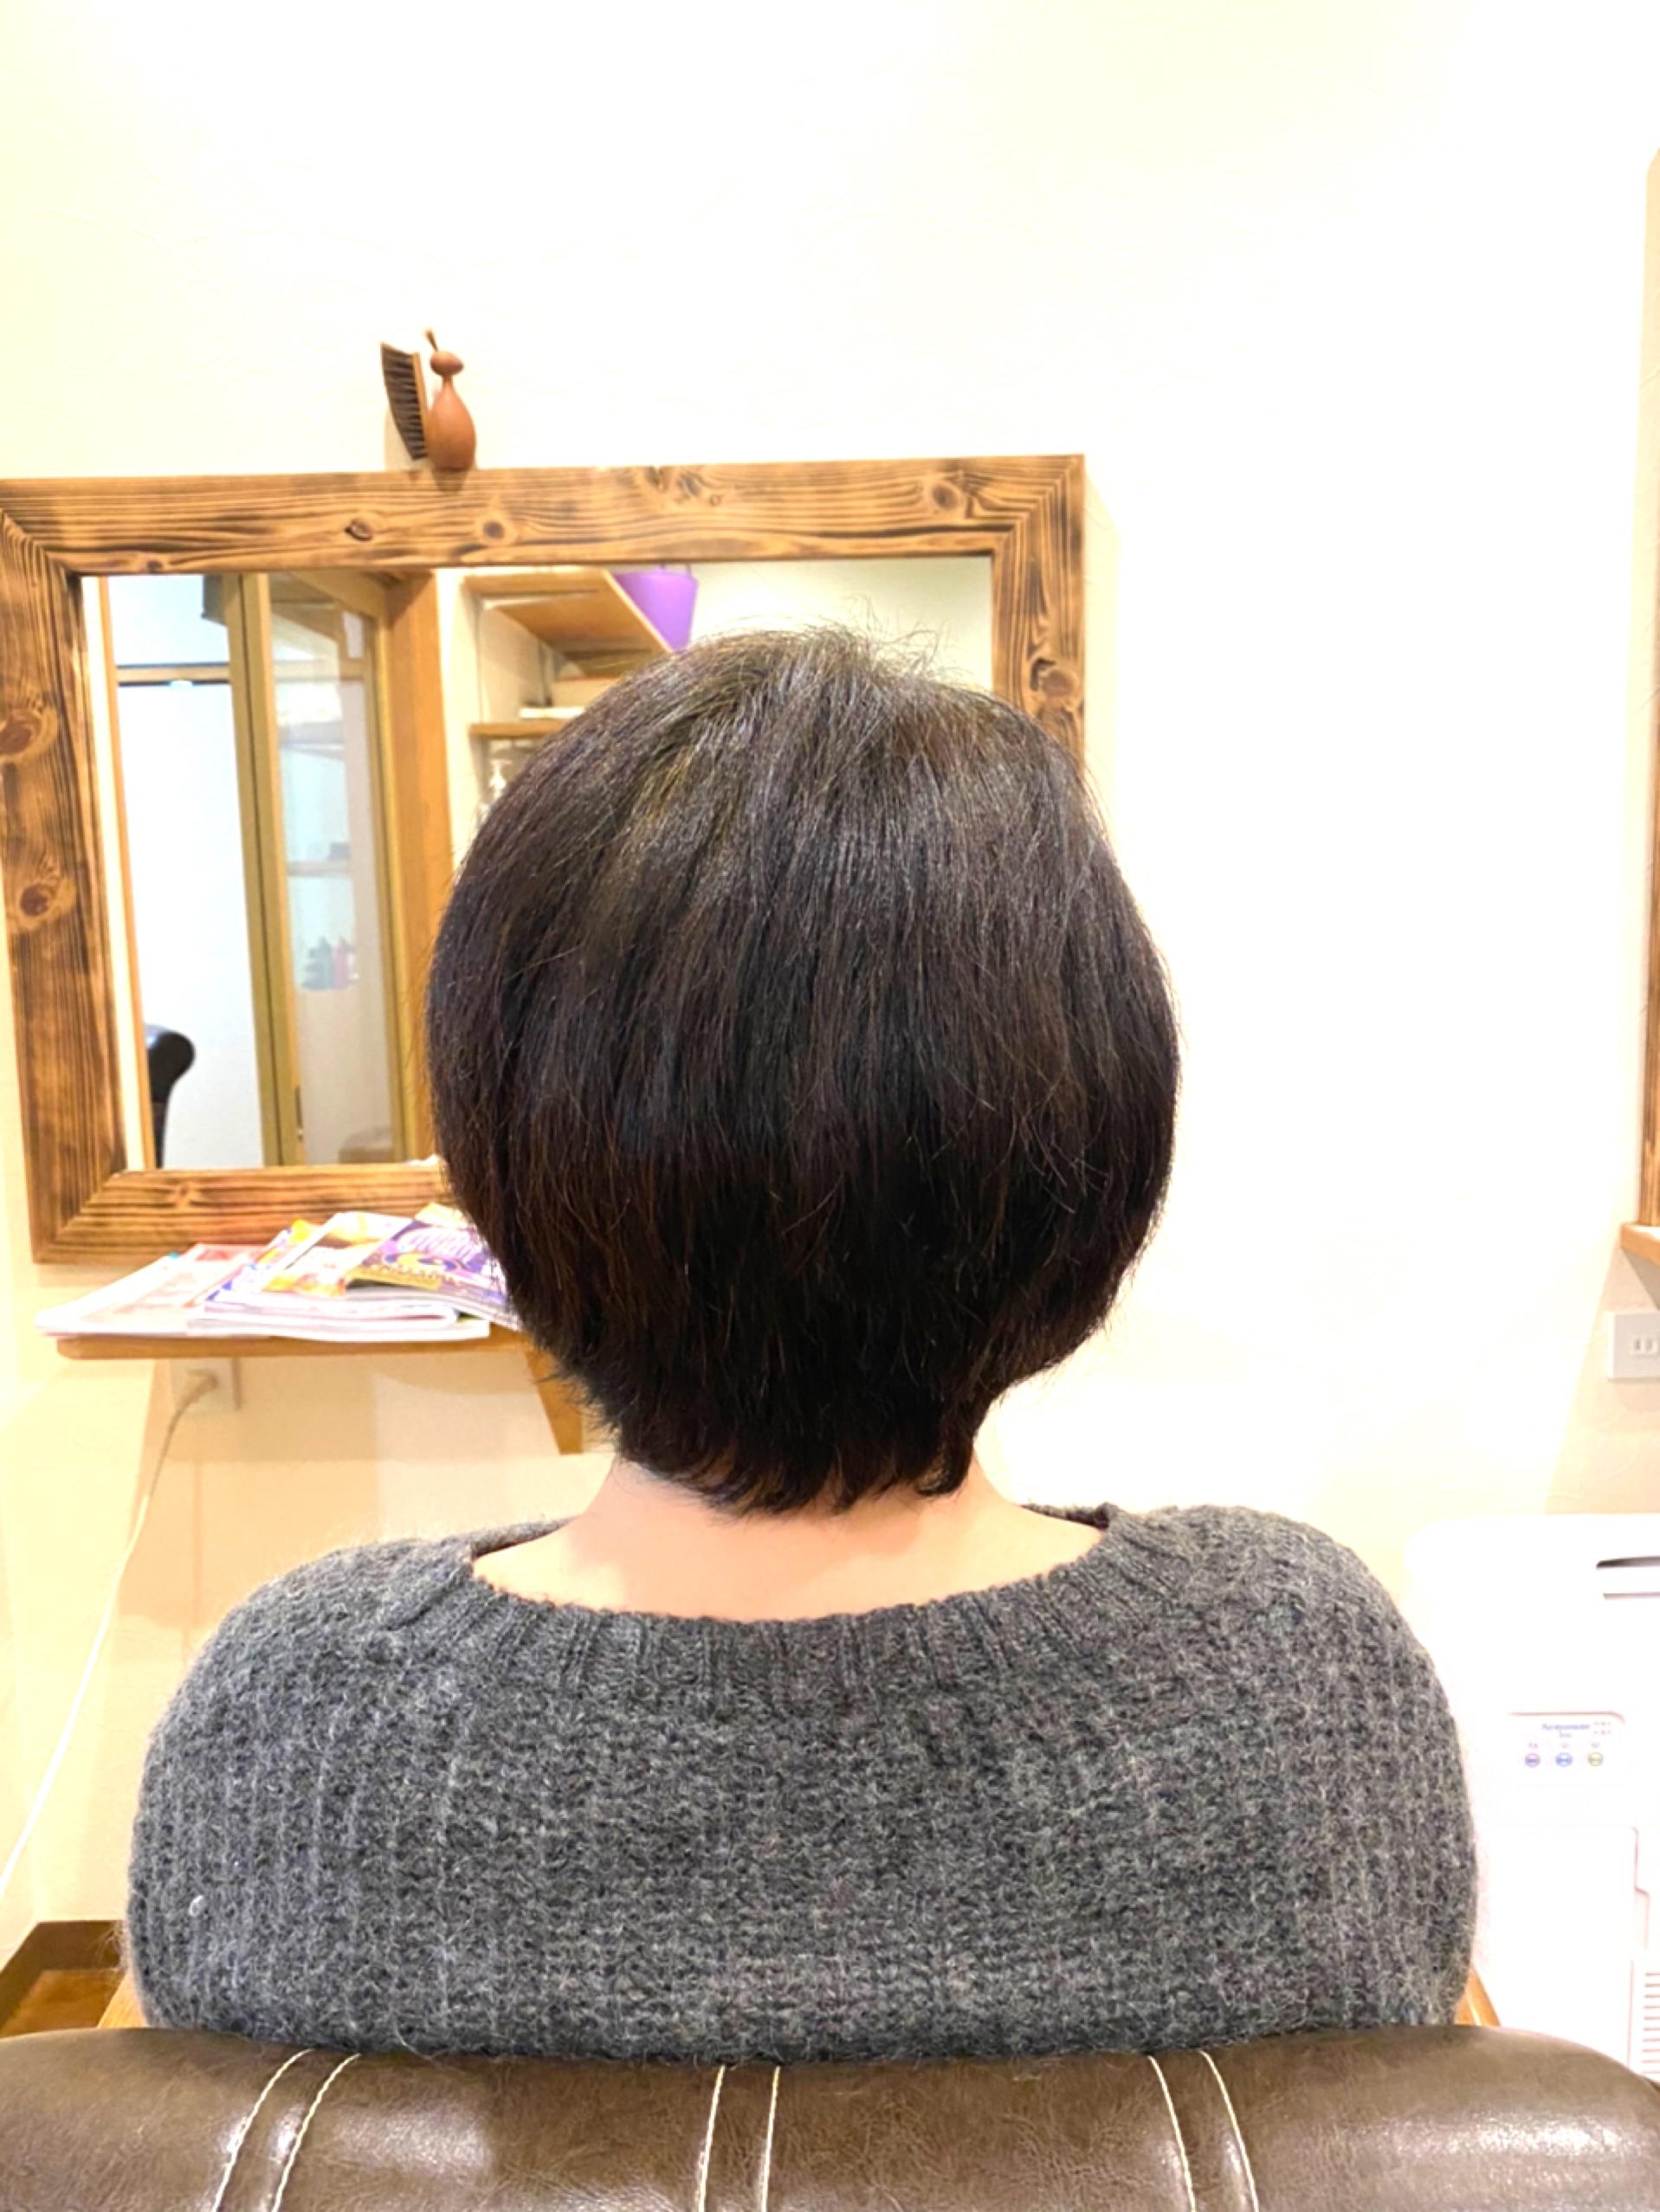 ご自分の髪に目を向ける